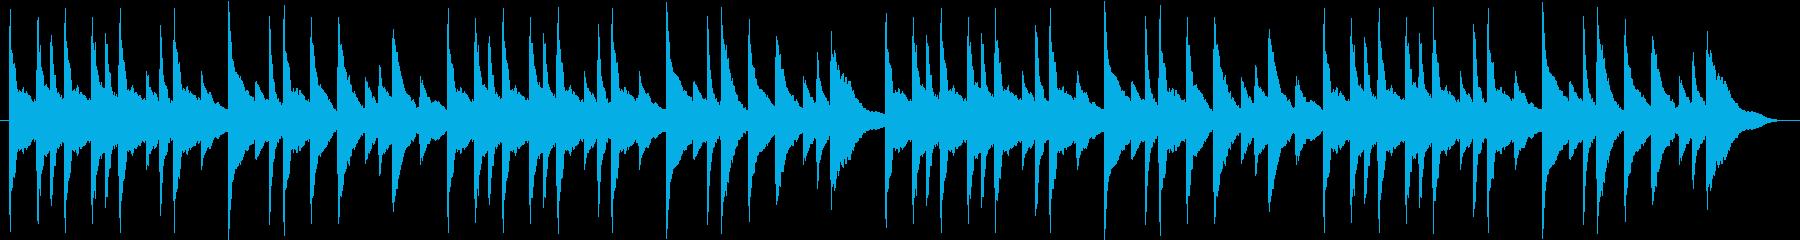 お正月の歌「たこたこあがれ」琴バージョンの再生済みの波形